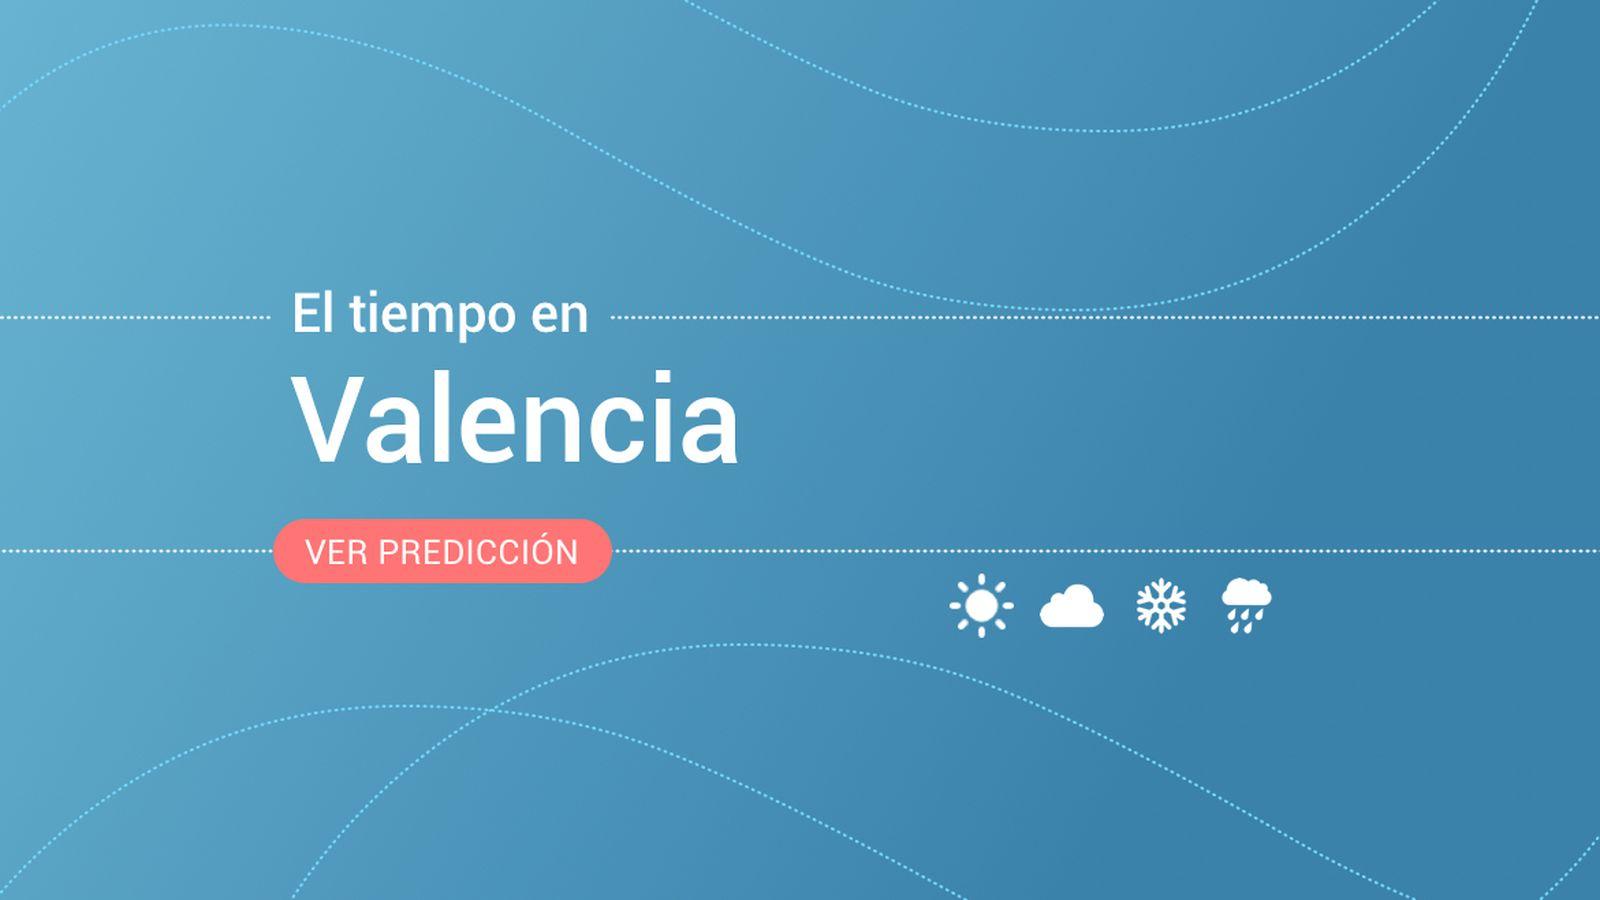 Foto: El tiempo en Valencia. (EC)